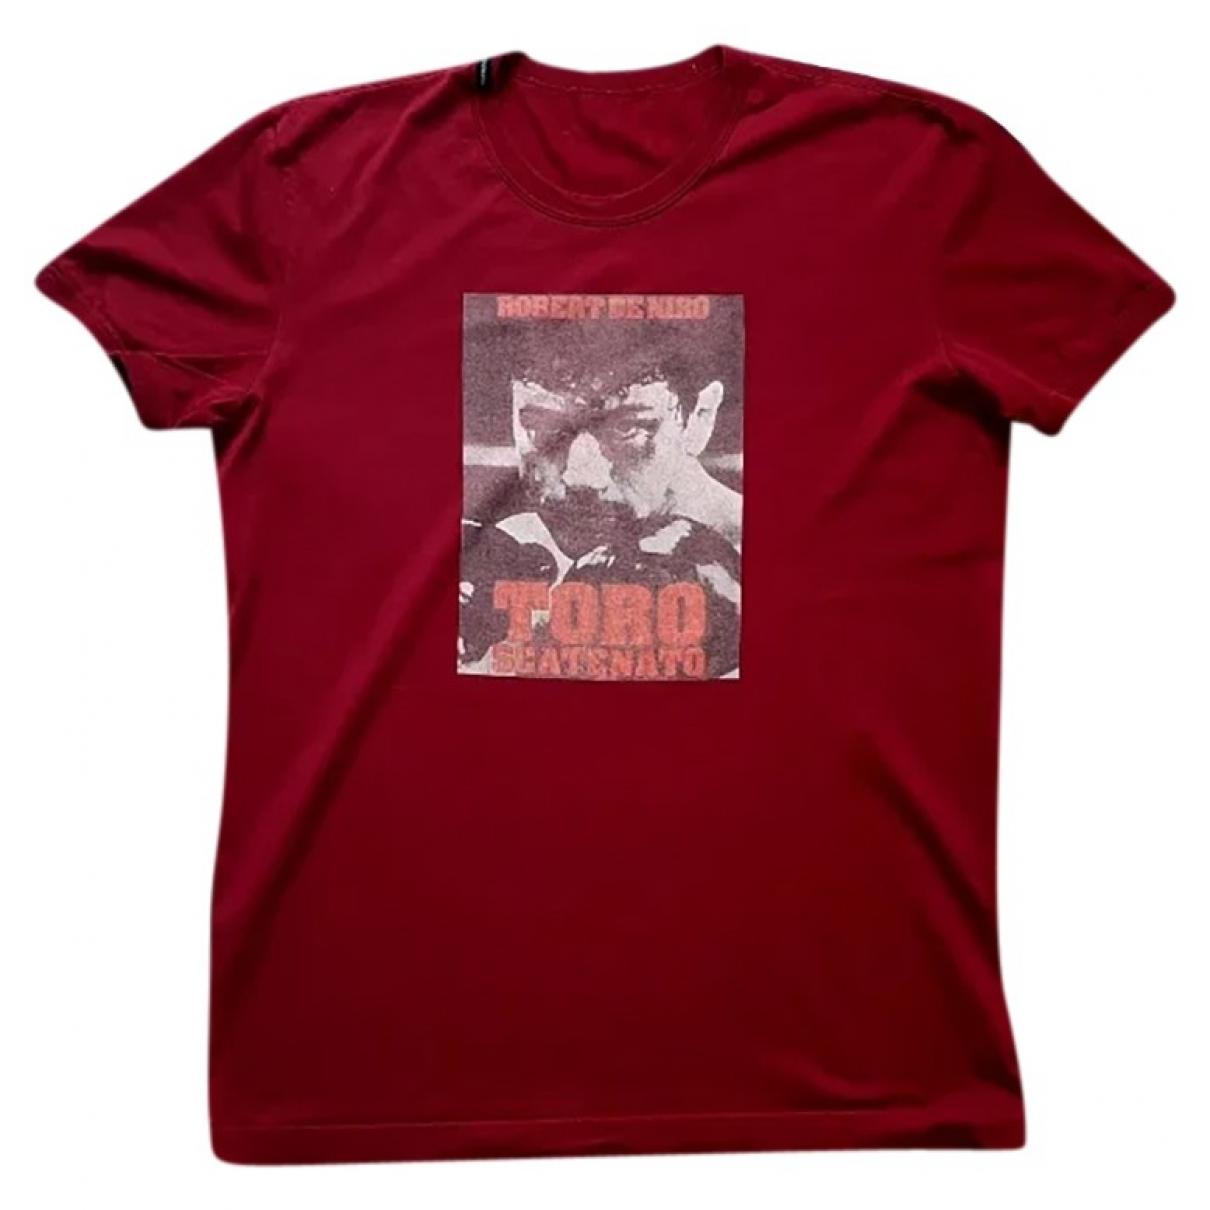 D&g - Tee shirts   pour homme en coton - rouge